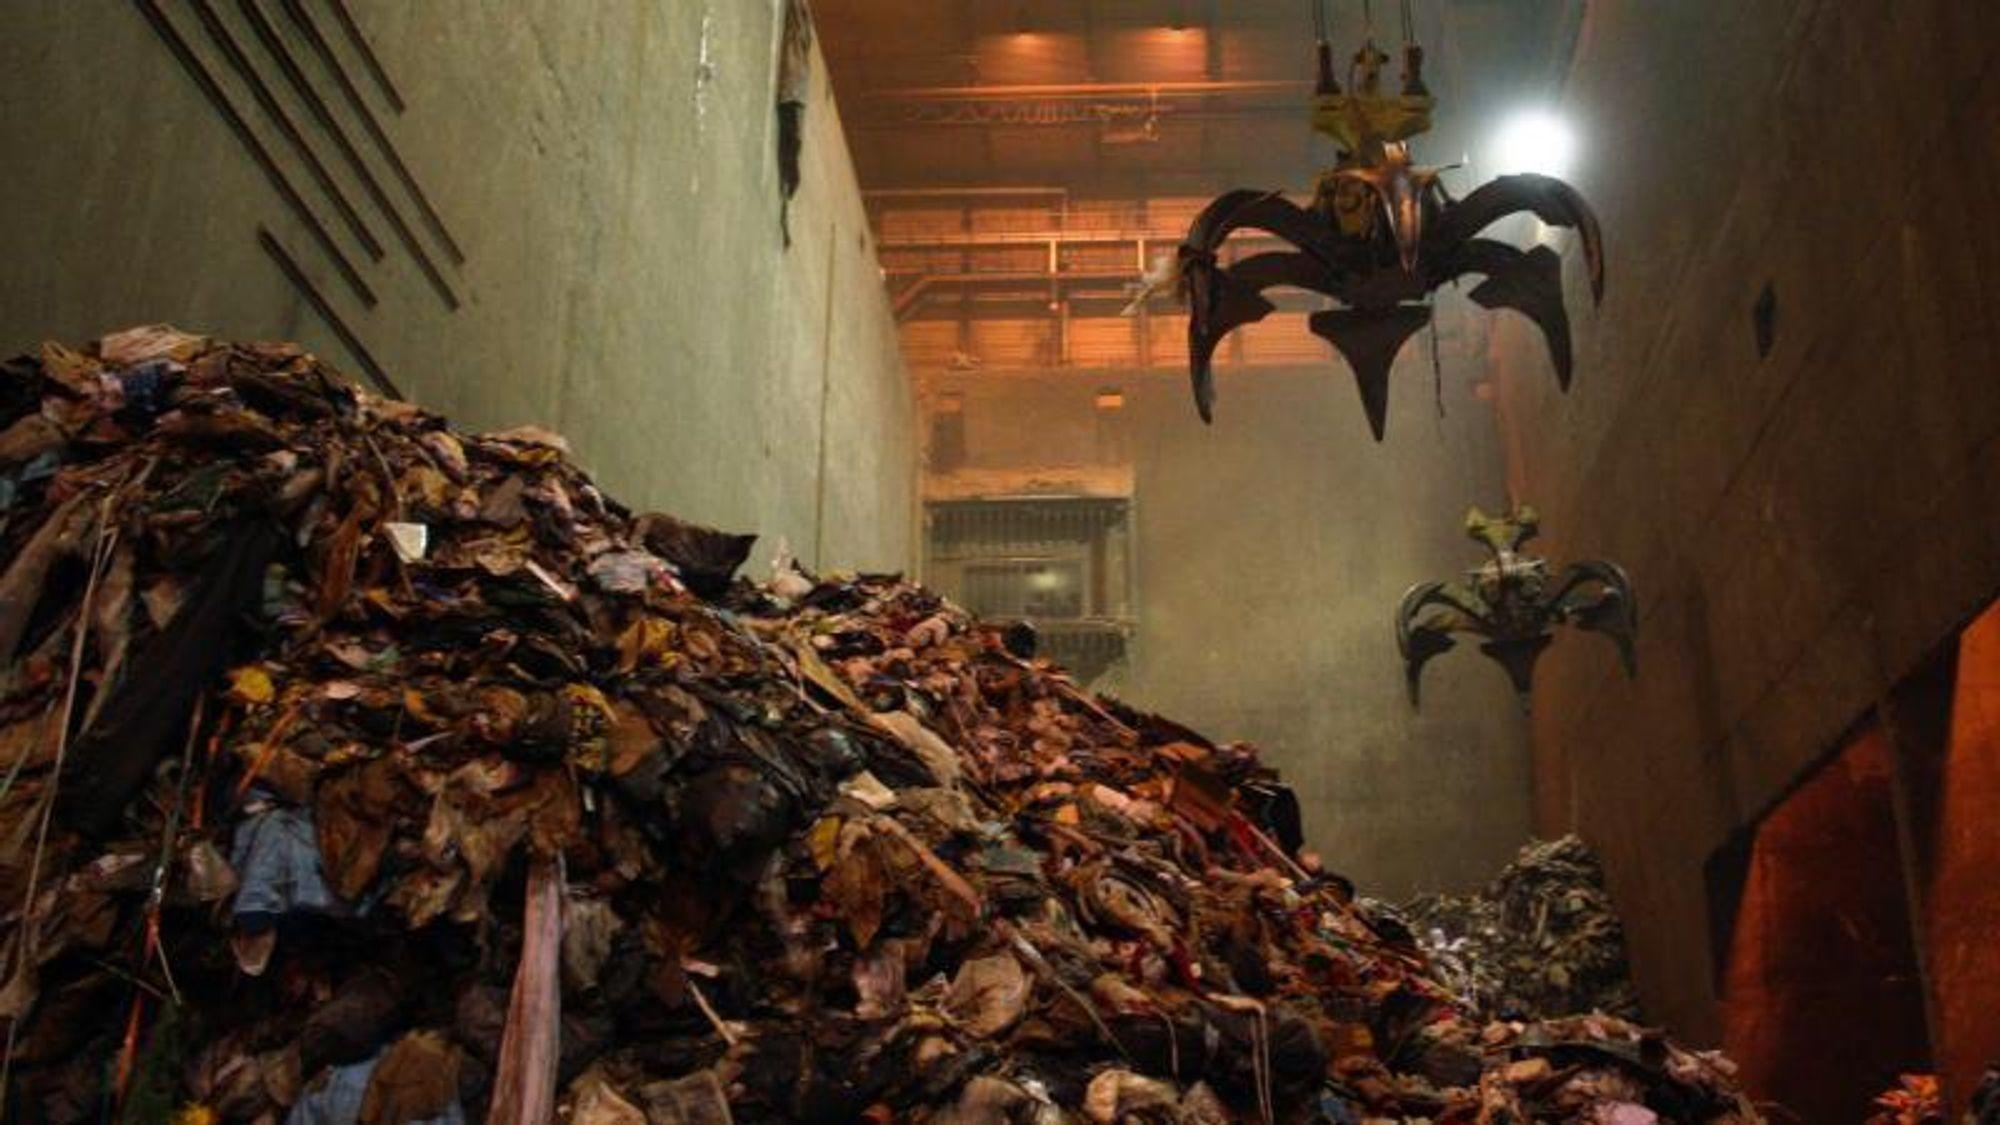 Vestforbrænding estimerte gjenvinningsandelen for plast til å være rundt 31 procent i et fortroligt notat. Nå avslører danske Ingeniøren at dette tallet heller ikke stemmer.